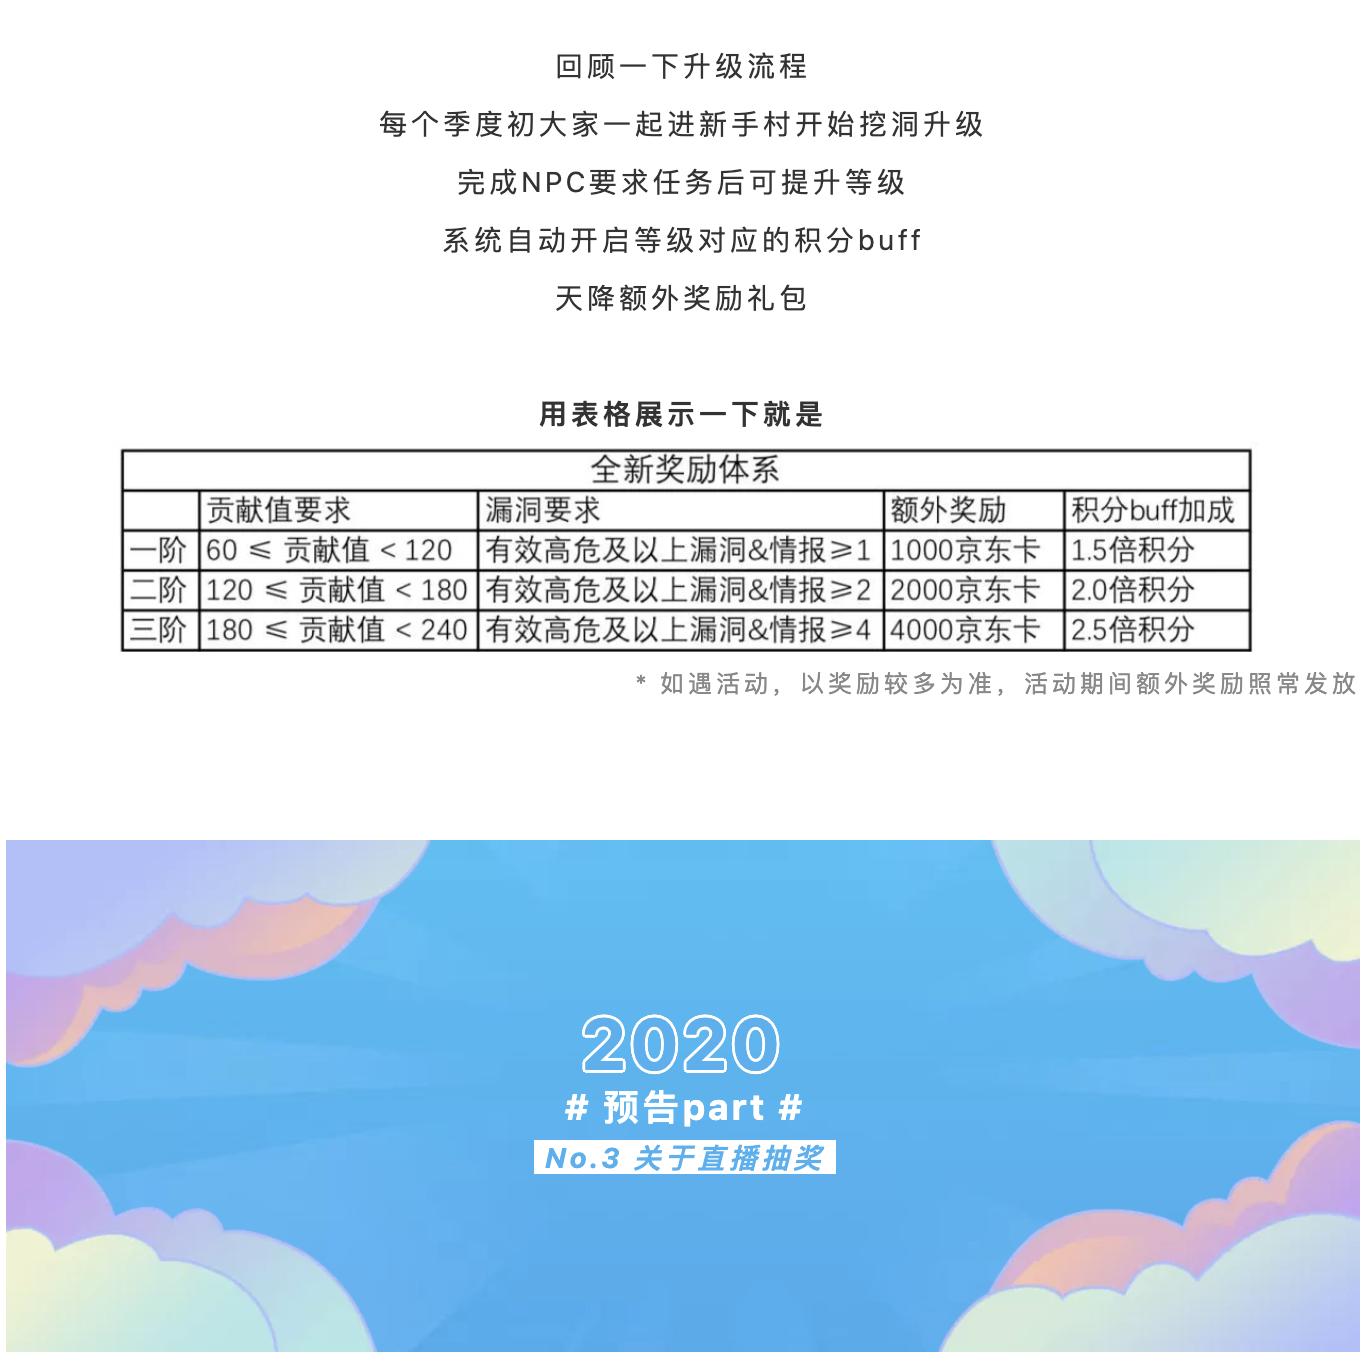 https://momo-mmsrc.oss-cn-hangzhou.aliyuncs.com/img-7c318986-95a0-320d-be1c-320d5d537022.png